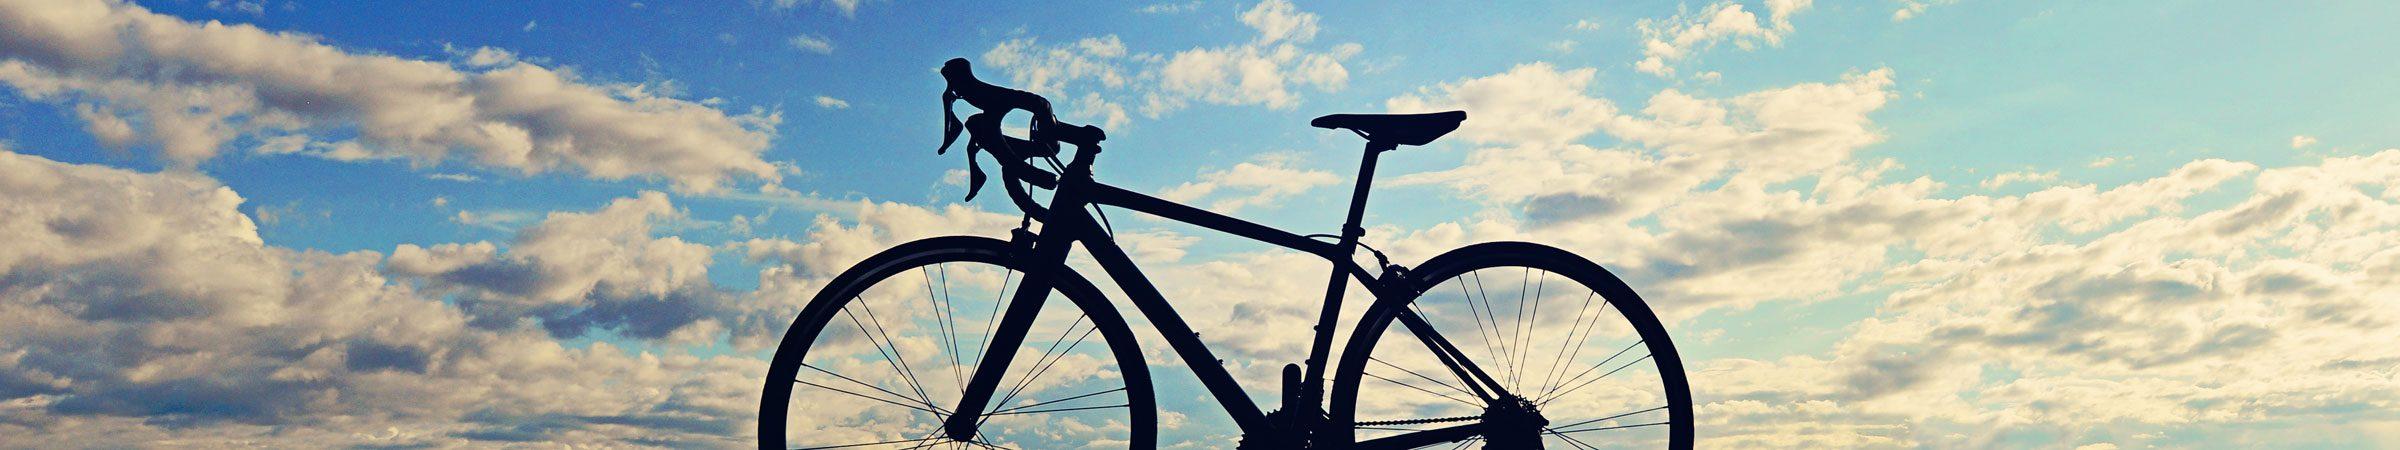 bikes-header-1